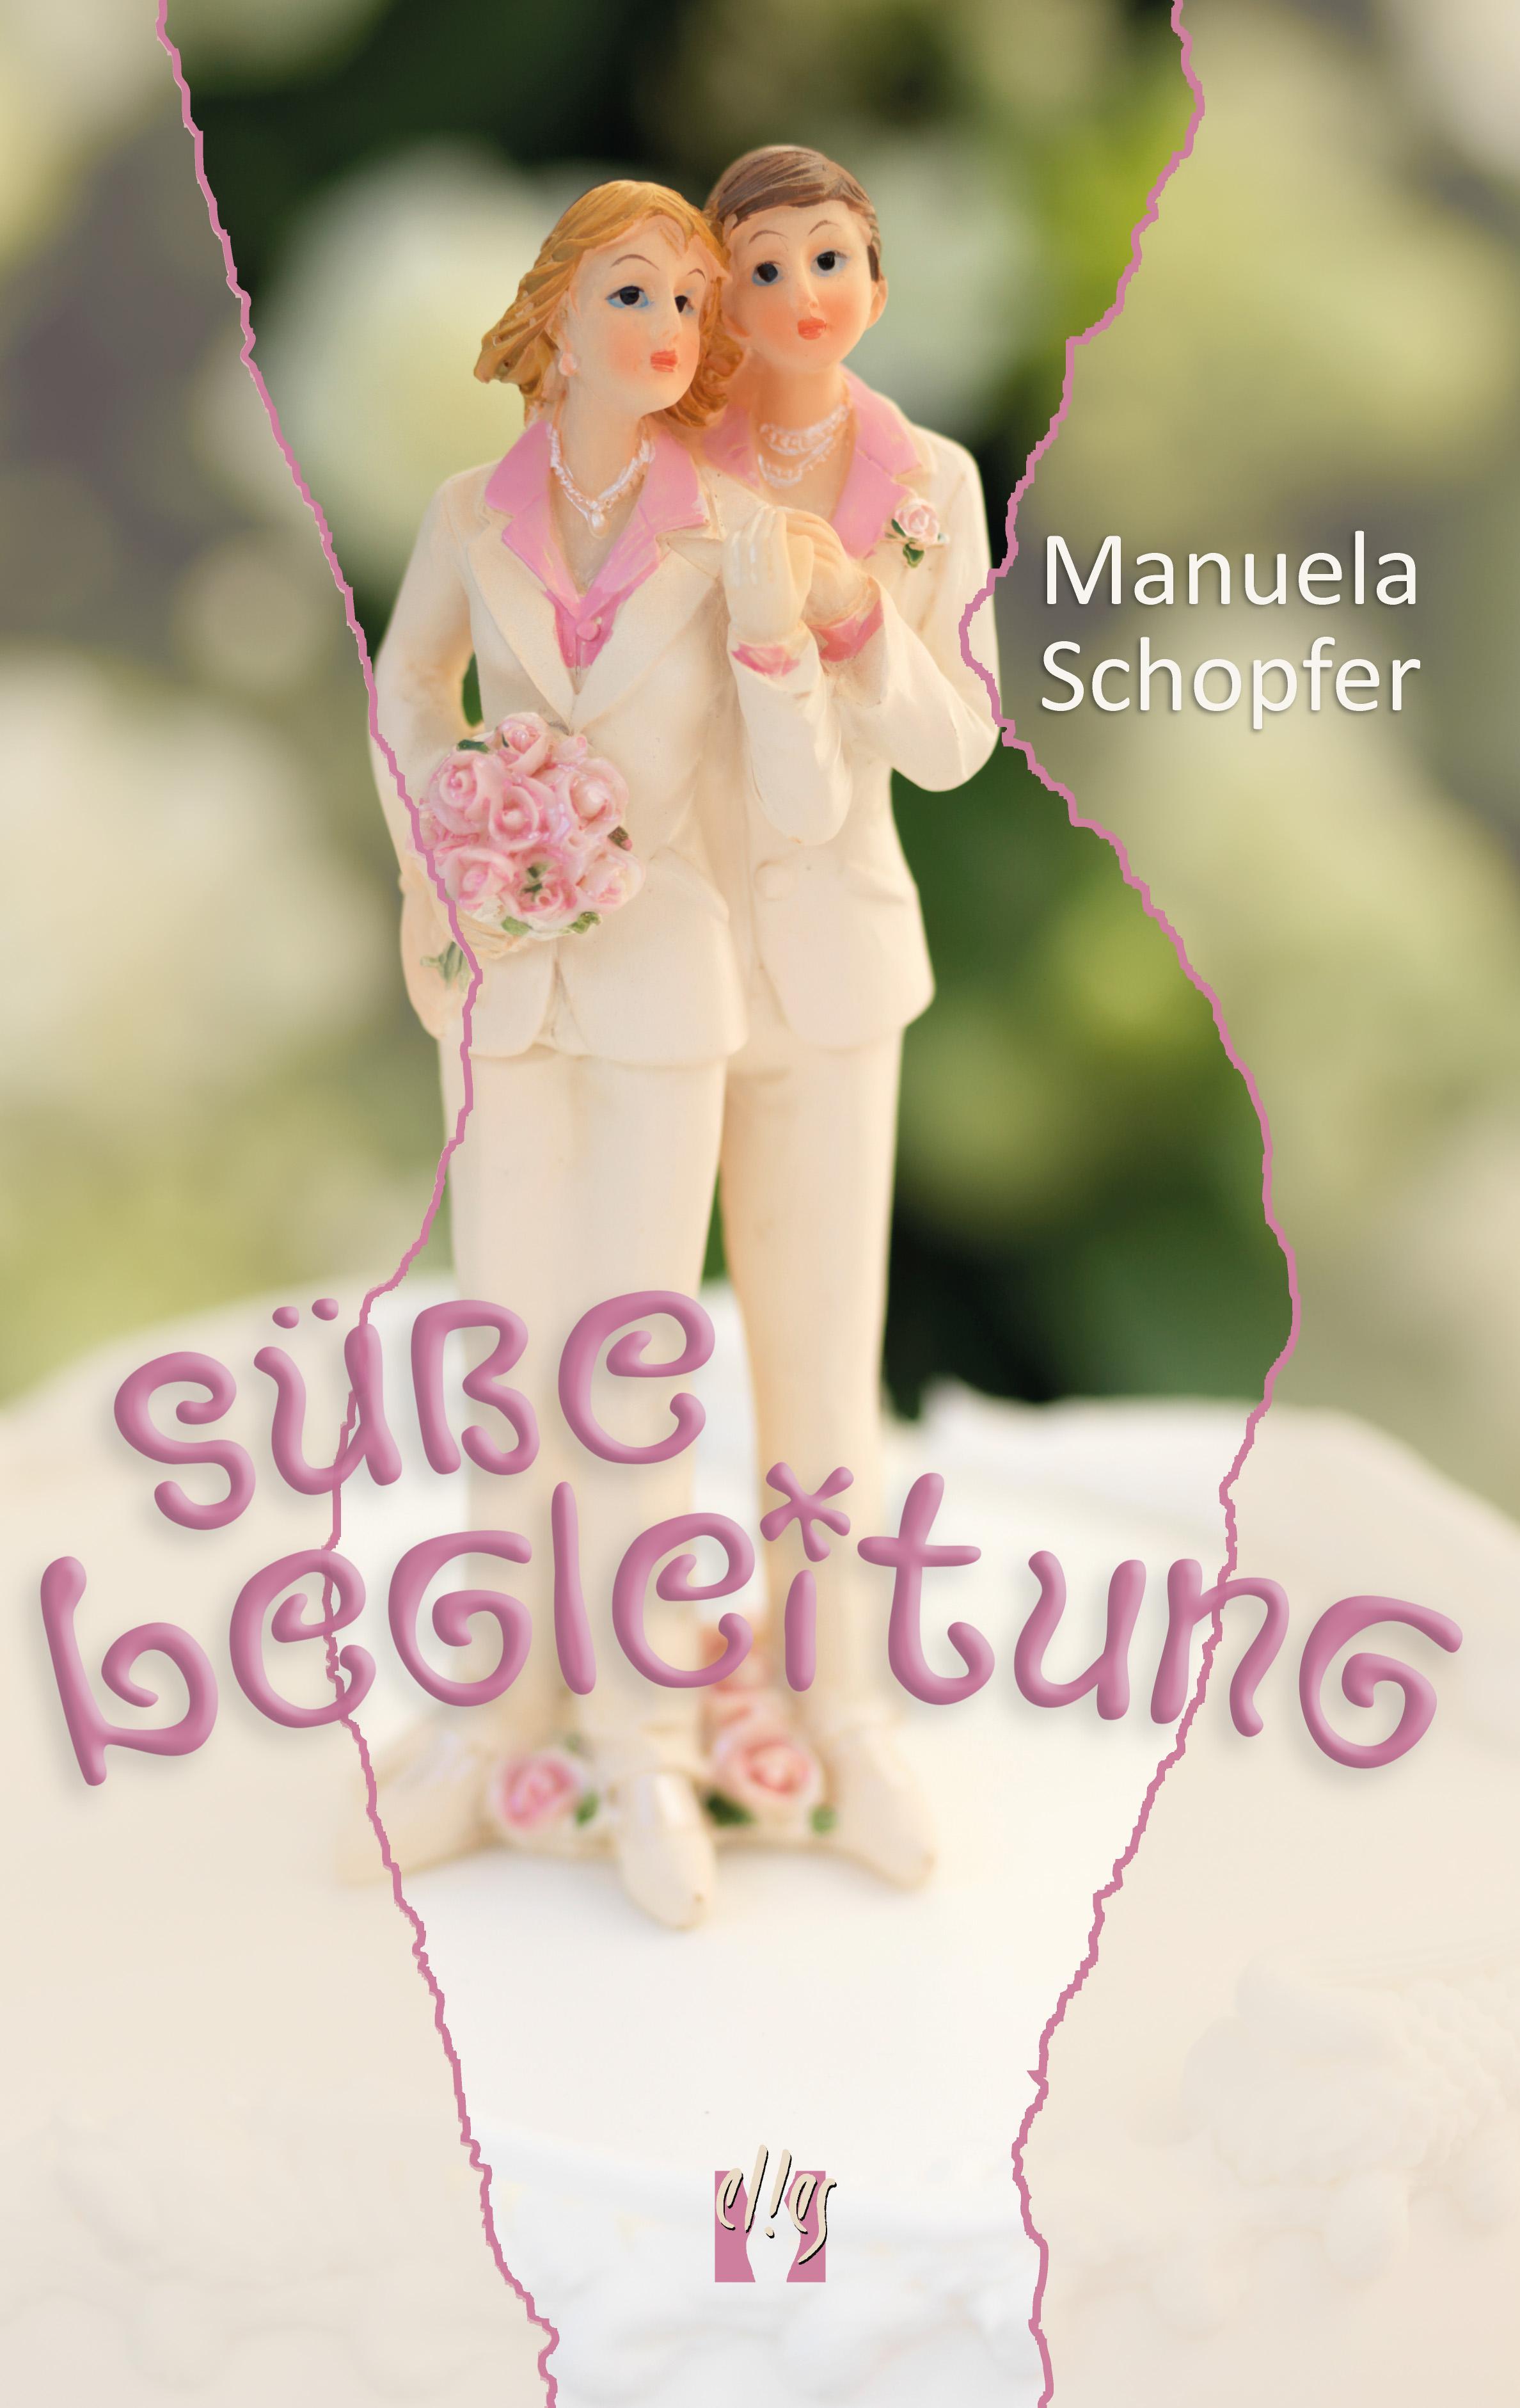 цена Manuela Schopfer Süße Begleitung онлайн в 2017 году